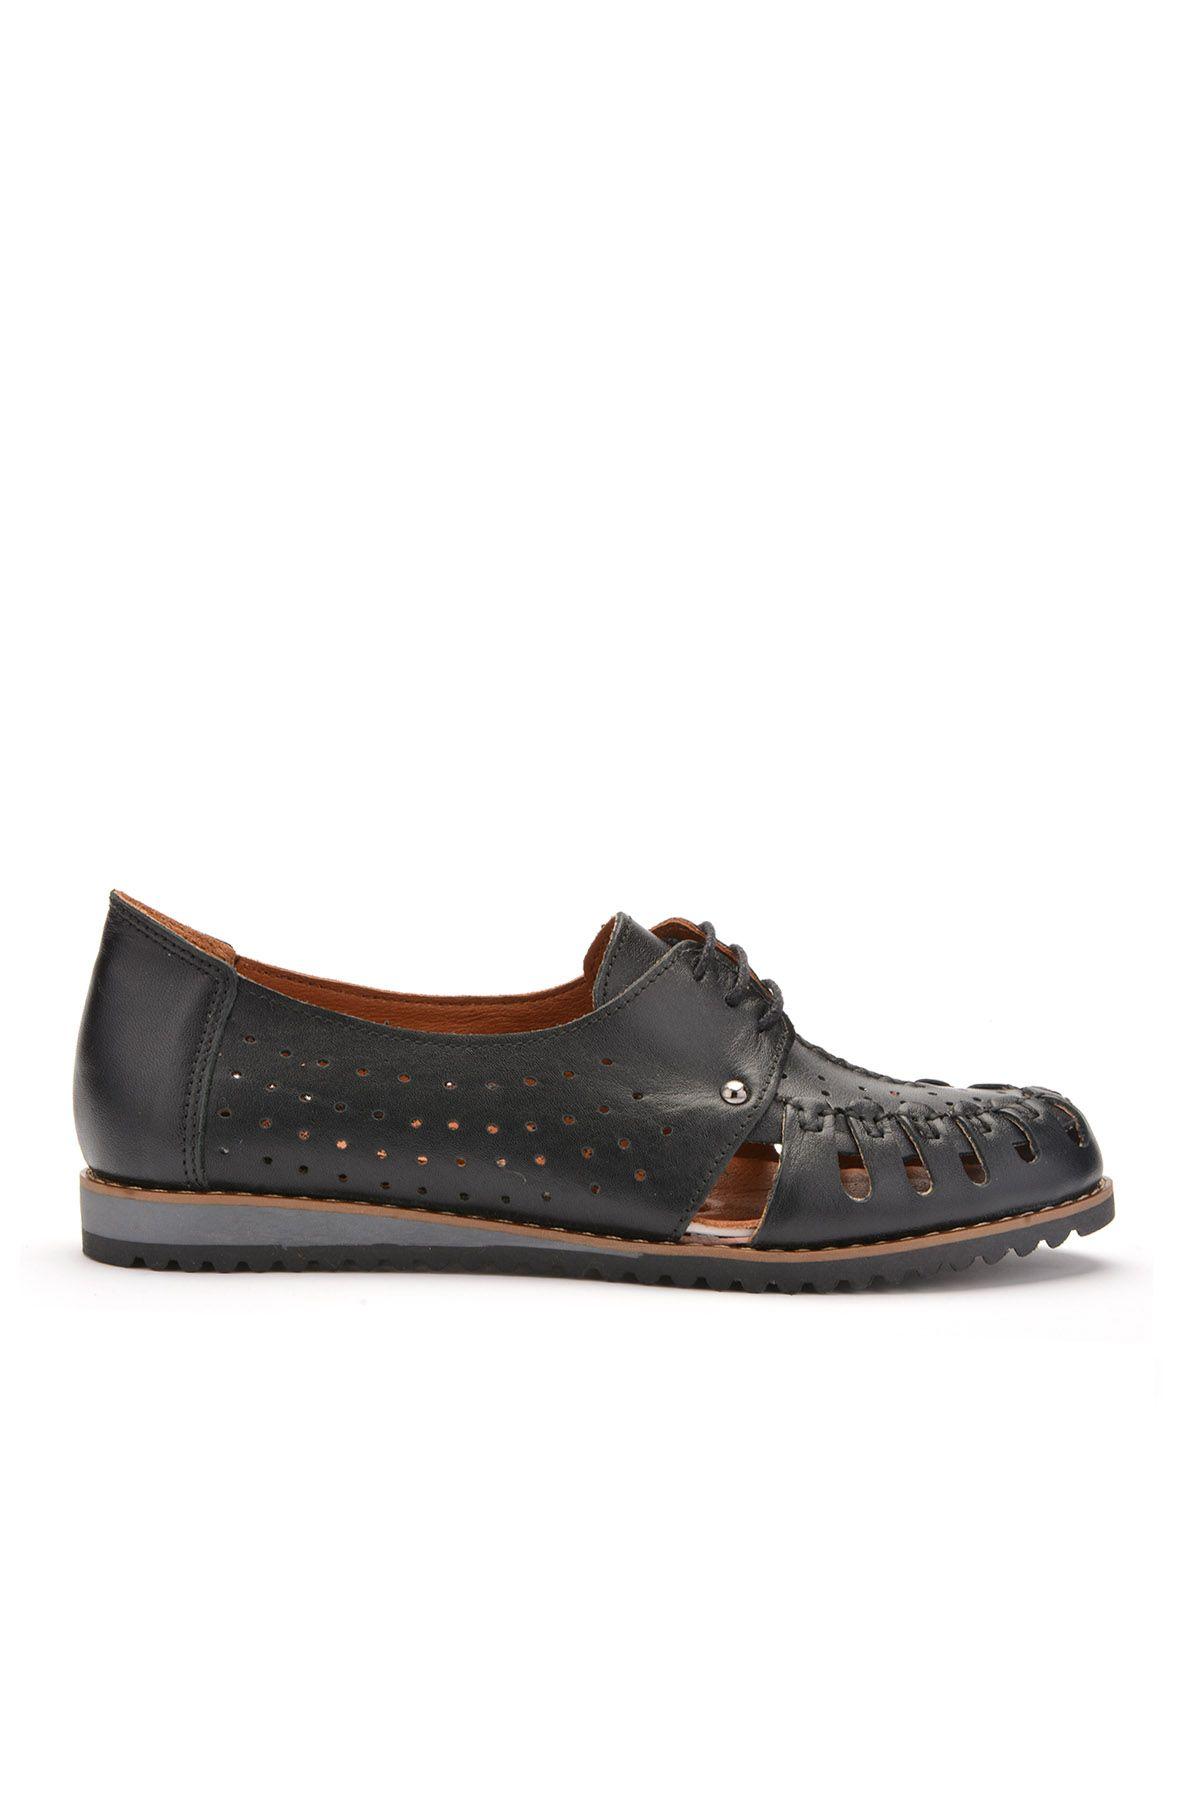 Pegia Шнурованная Женская Обувь Из Натуральной Кожи REC-123 Черный